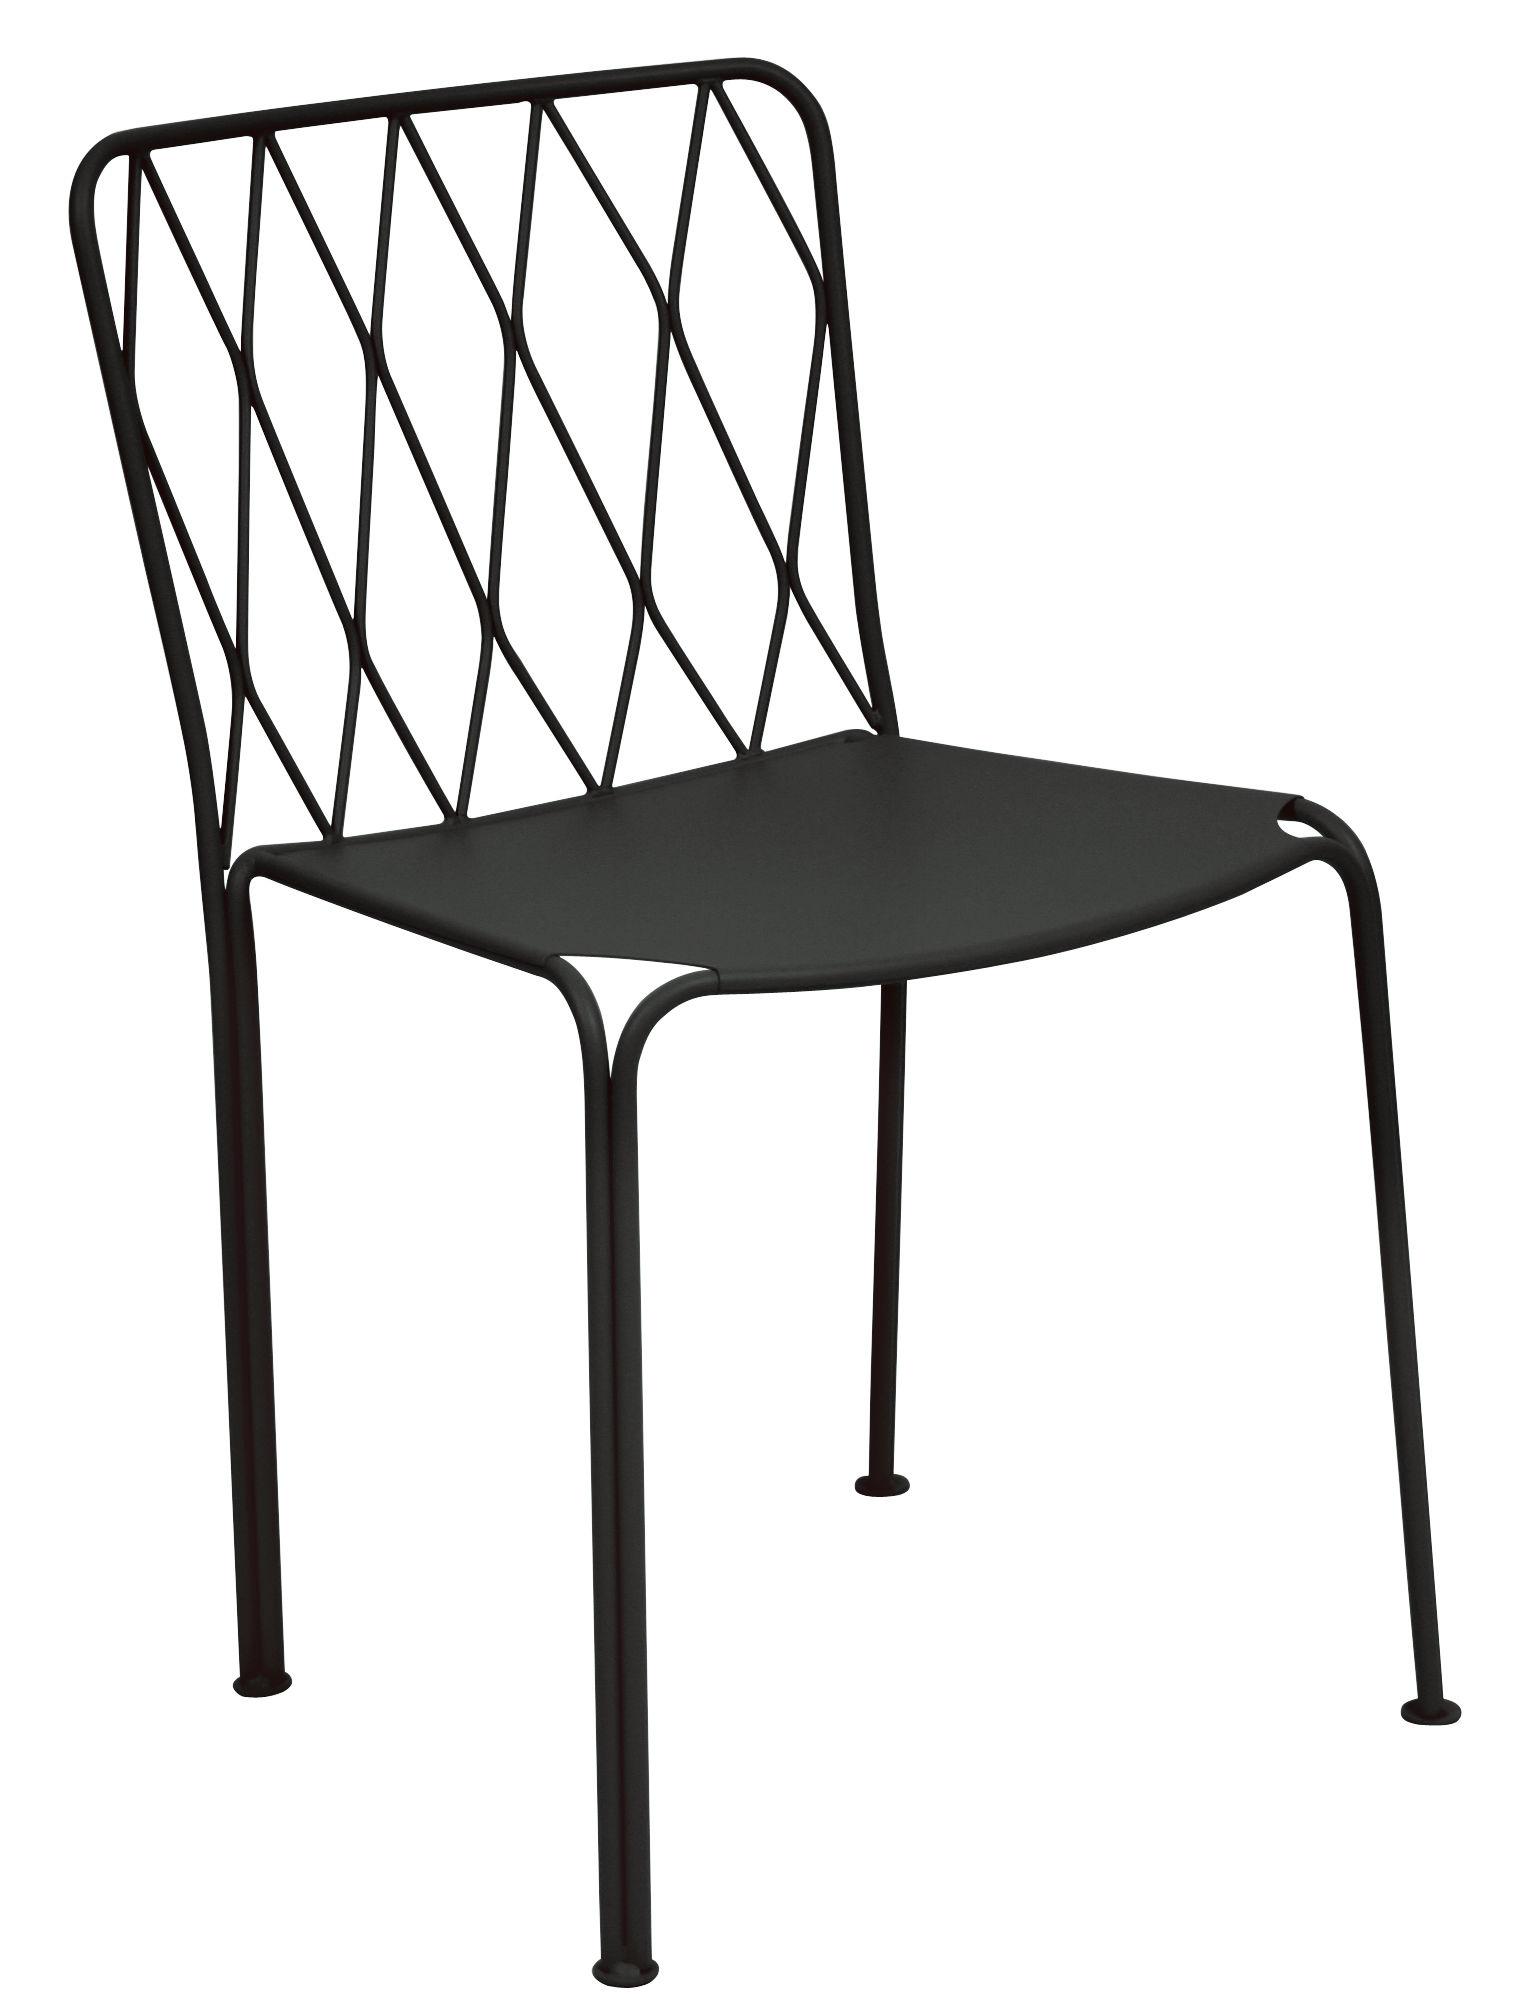 Mobilier - Chaises, fauteuils de salle à manger - Chaise Kintbury / Métal - Fermob - Réglisse - Acier peint